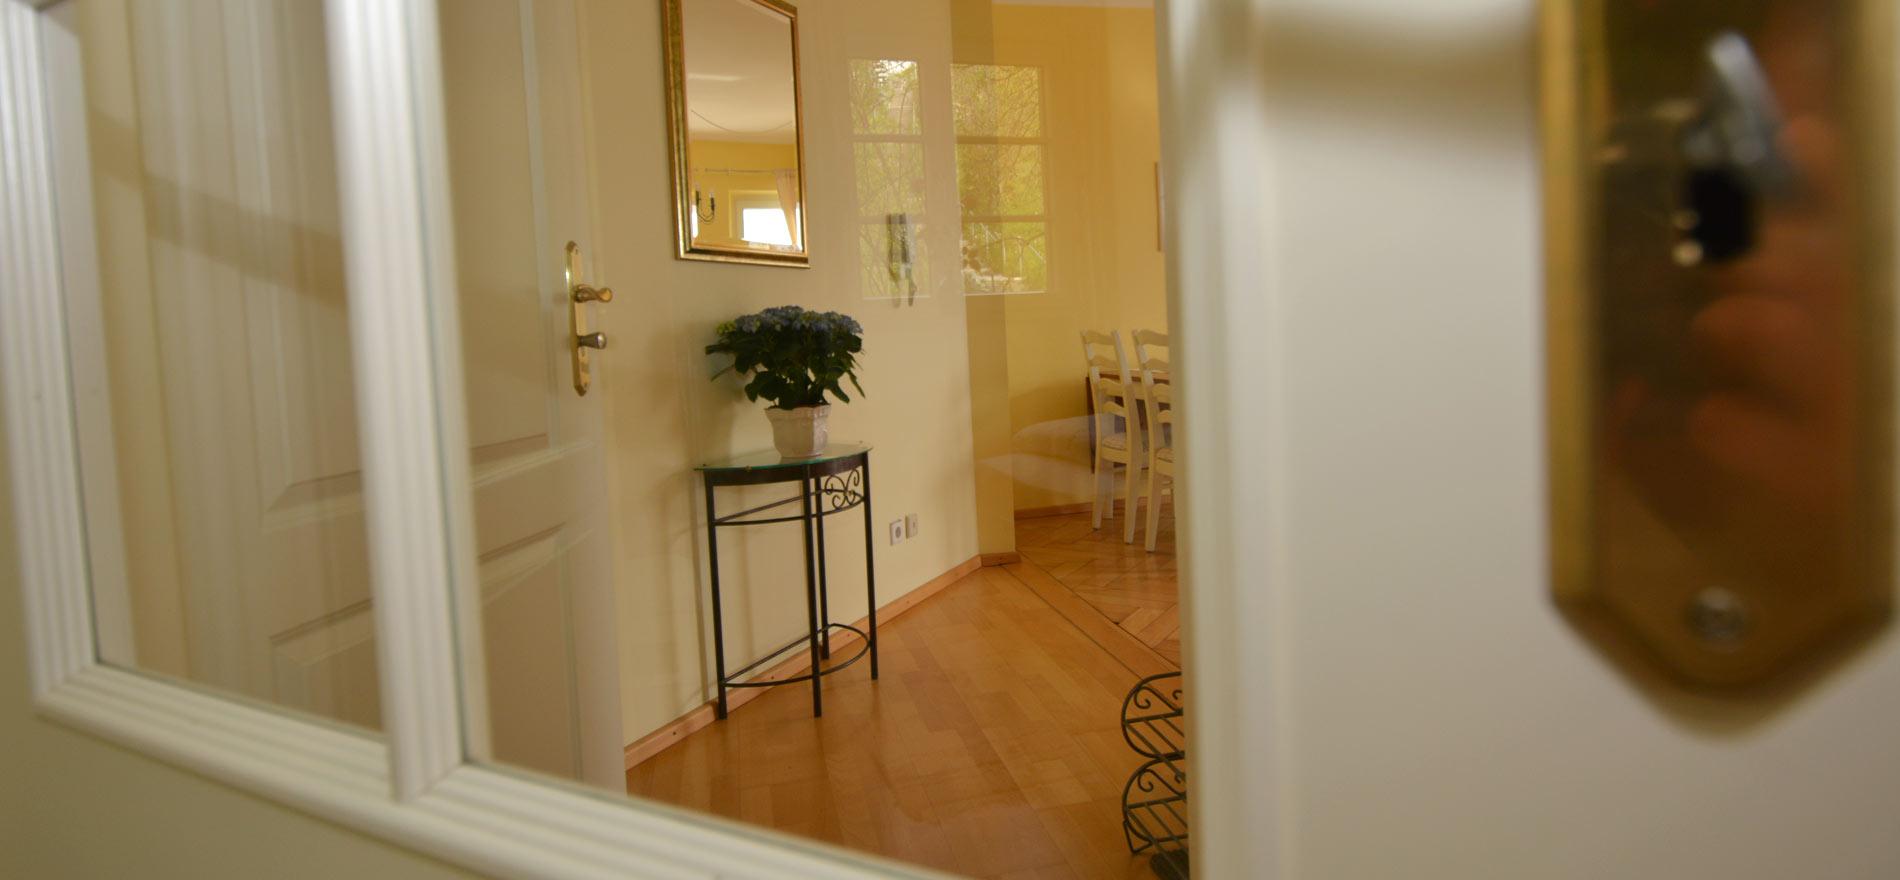 Ferienwohnung Pfarrhaus in Meersburg - Wohnung 5 3